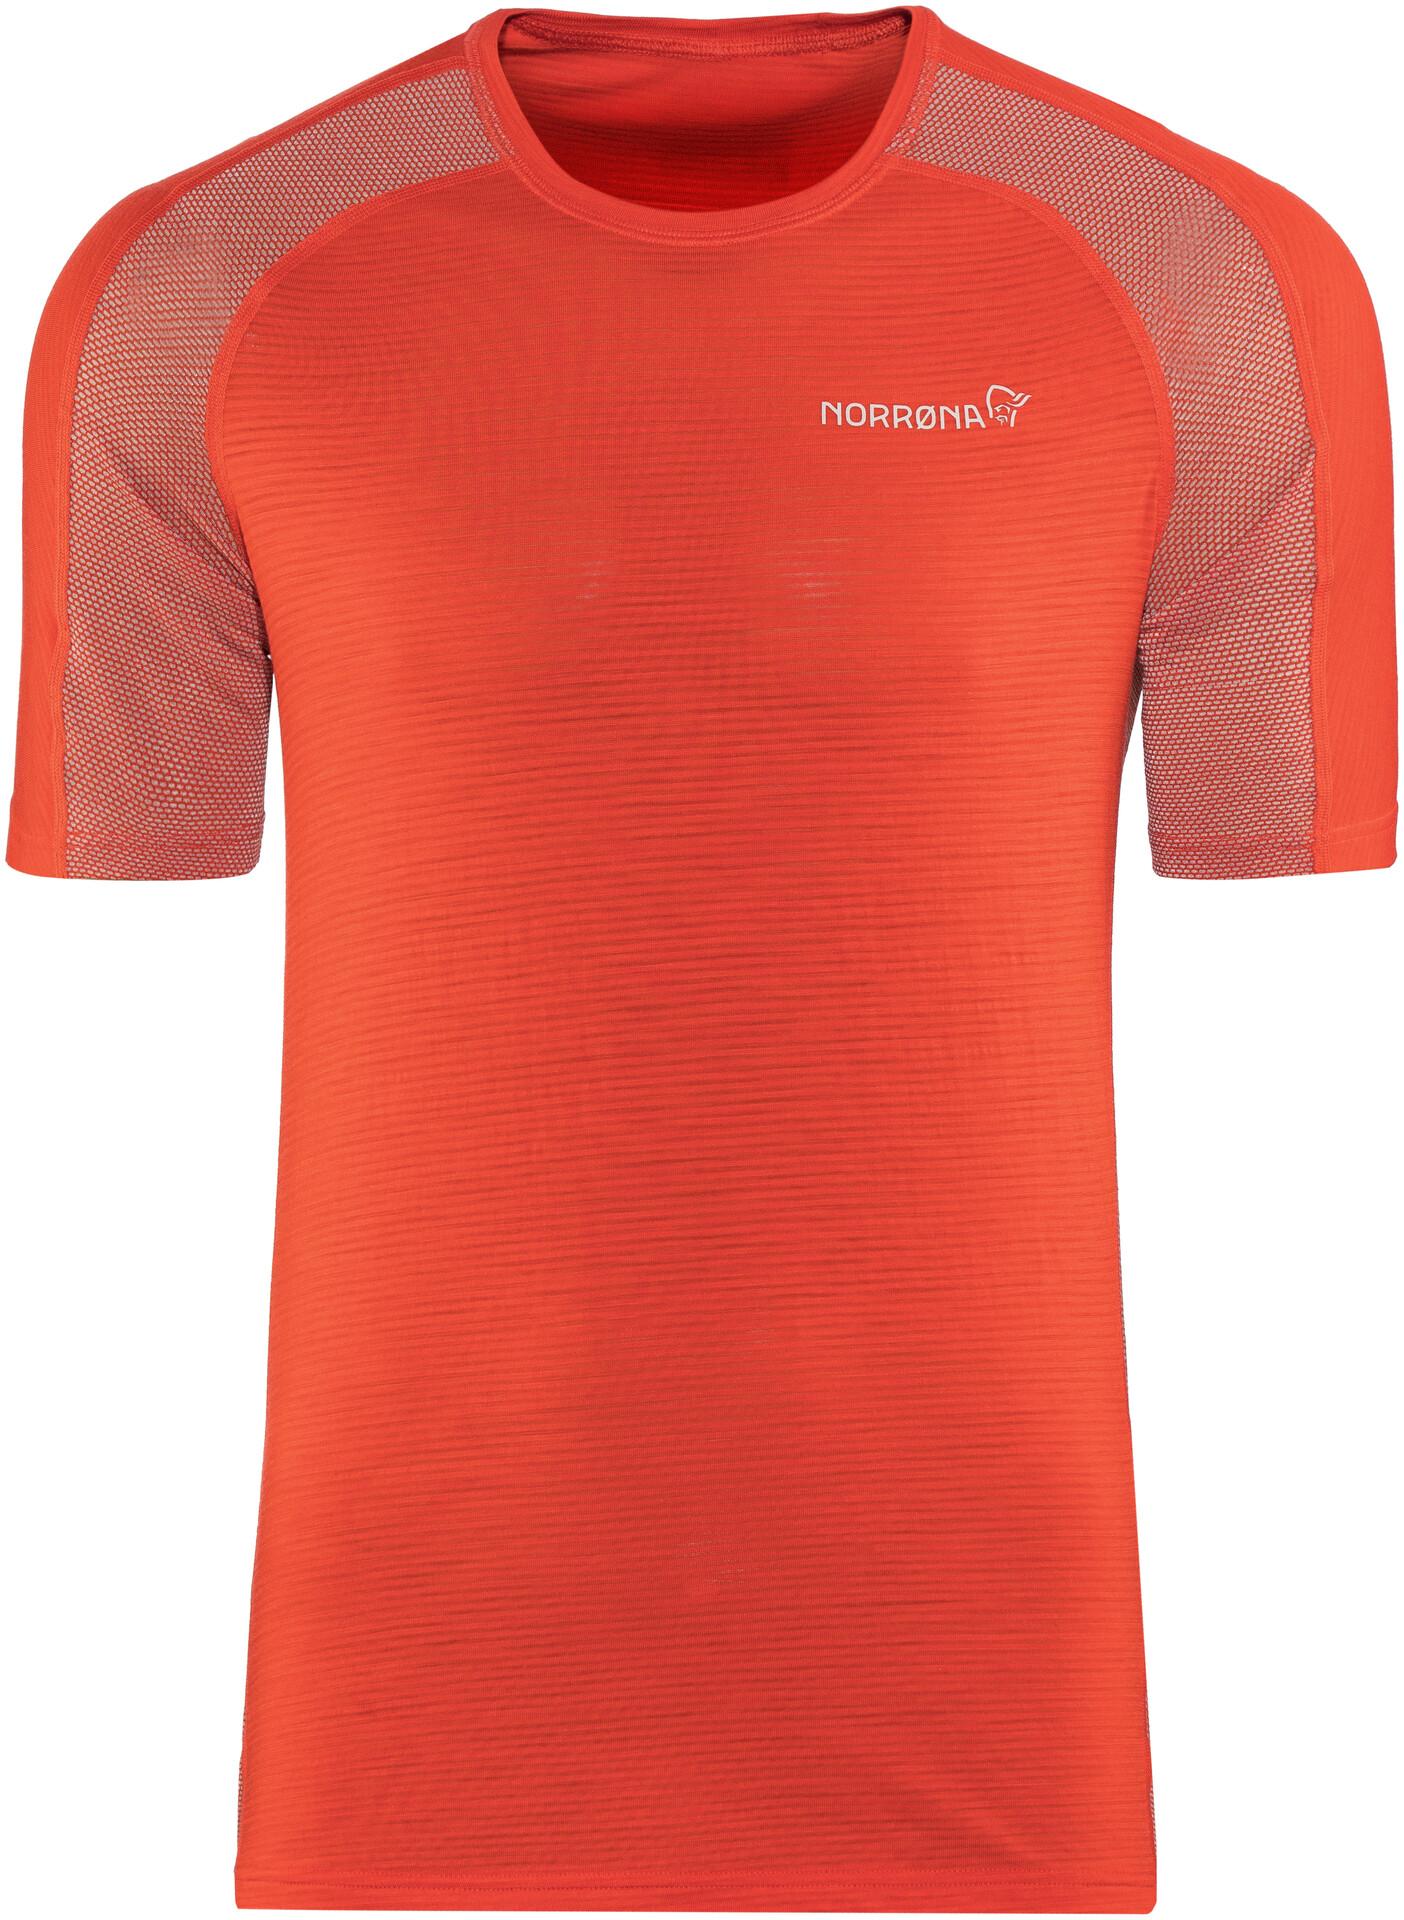 Norrøna M's Bitihorn Bitihorn Bitihorn Wool T-Shirt Tasty Röd 780b45